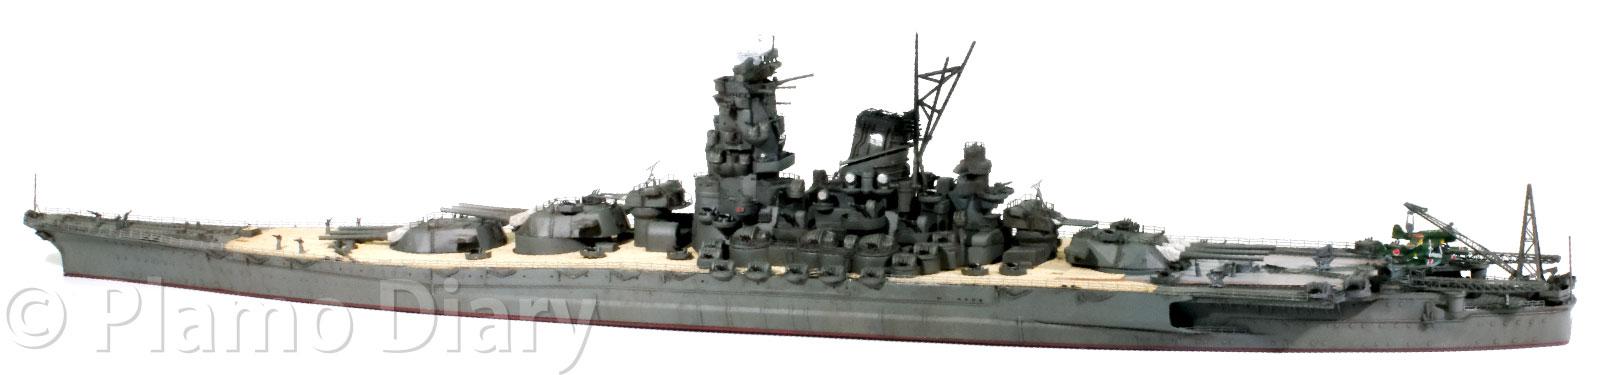 艦載機と単装機銃の取り付け